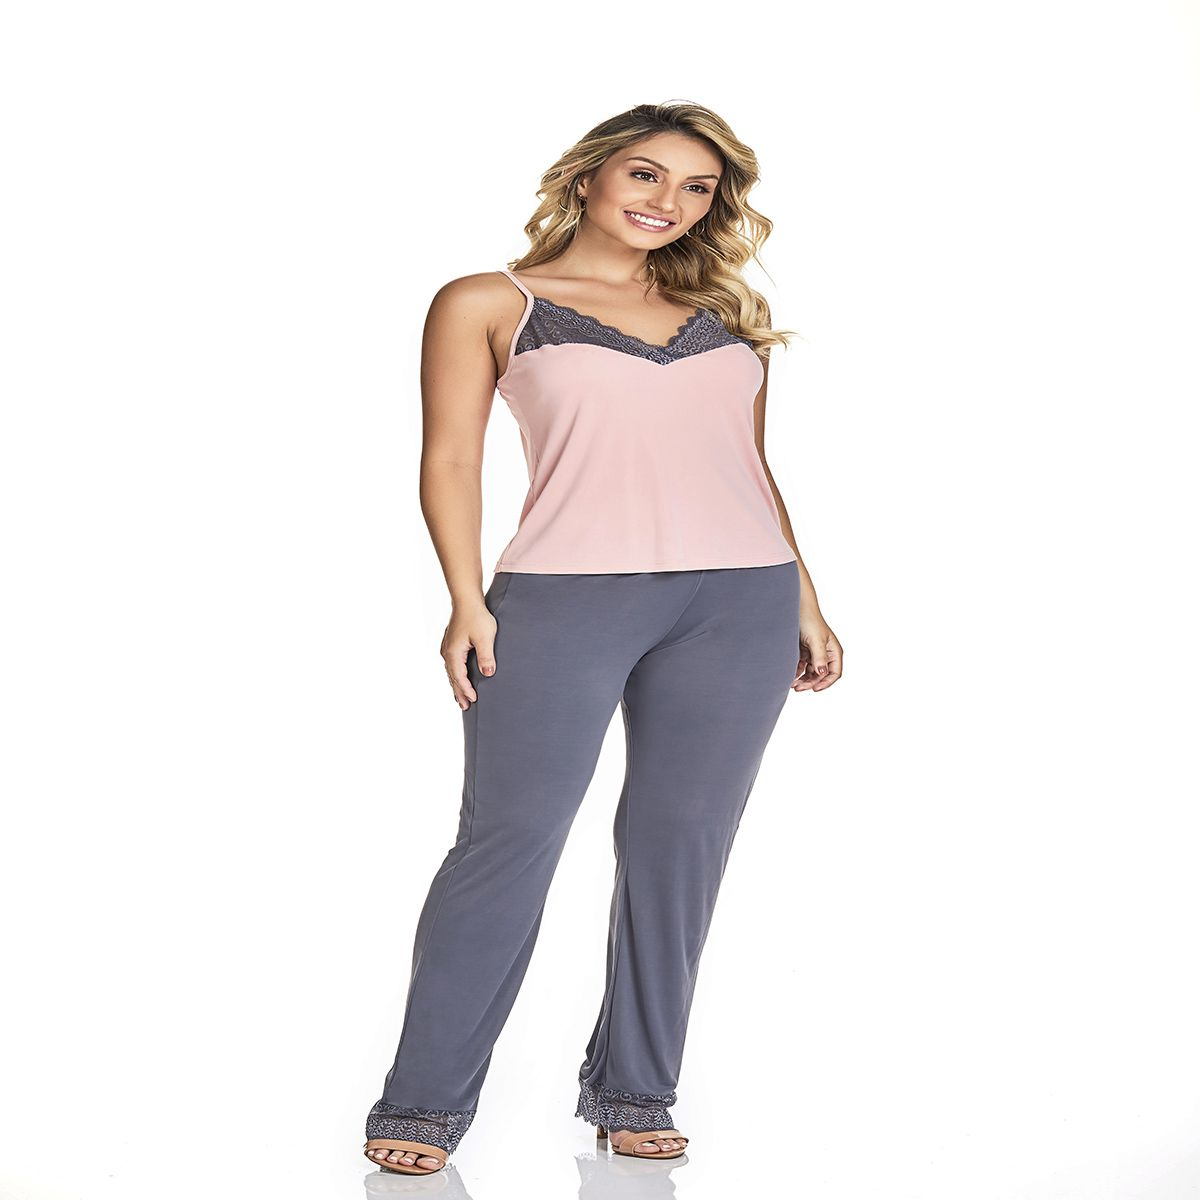 Pijama feminino meia estação blusa alcinha calça liganete